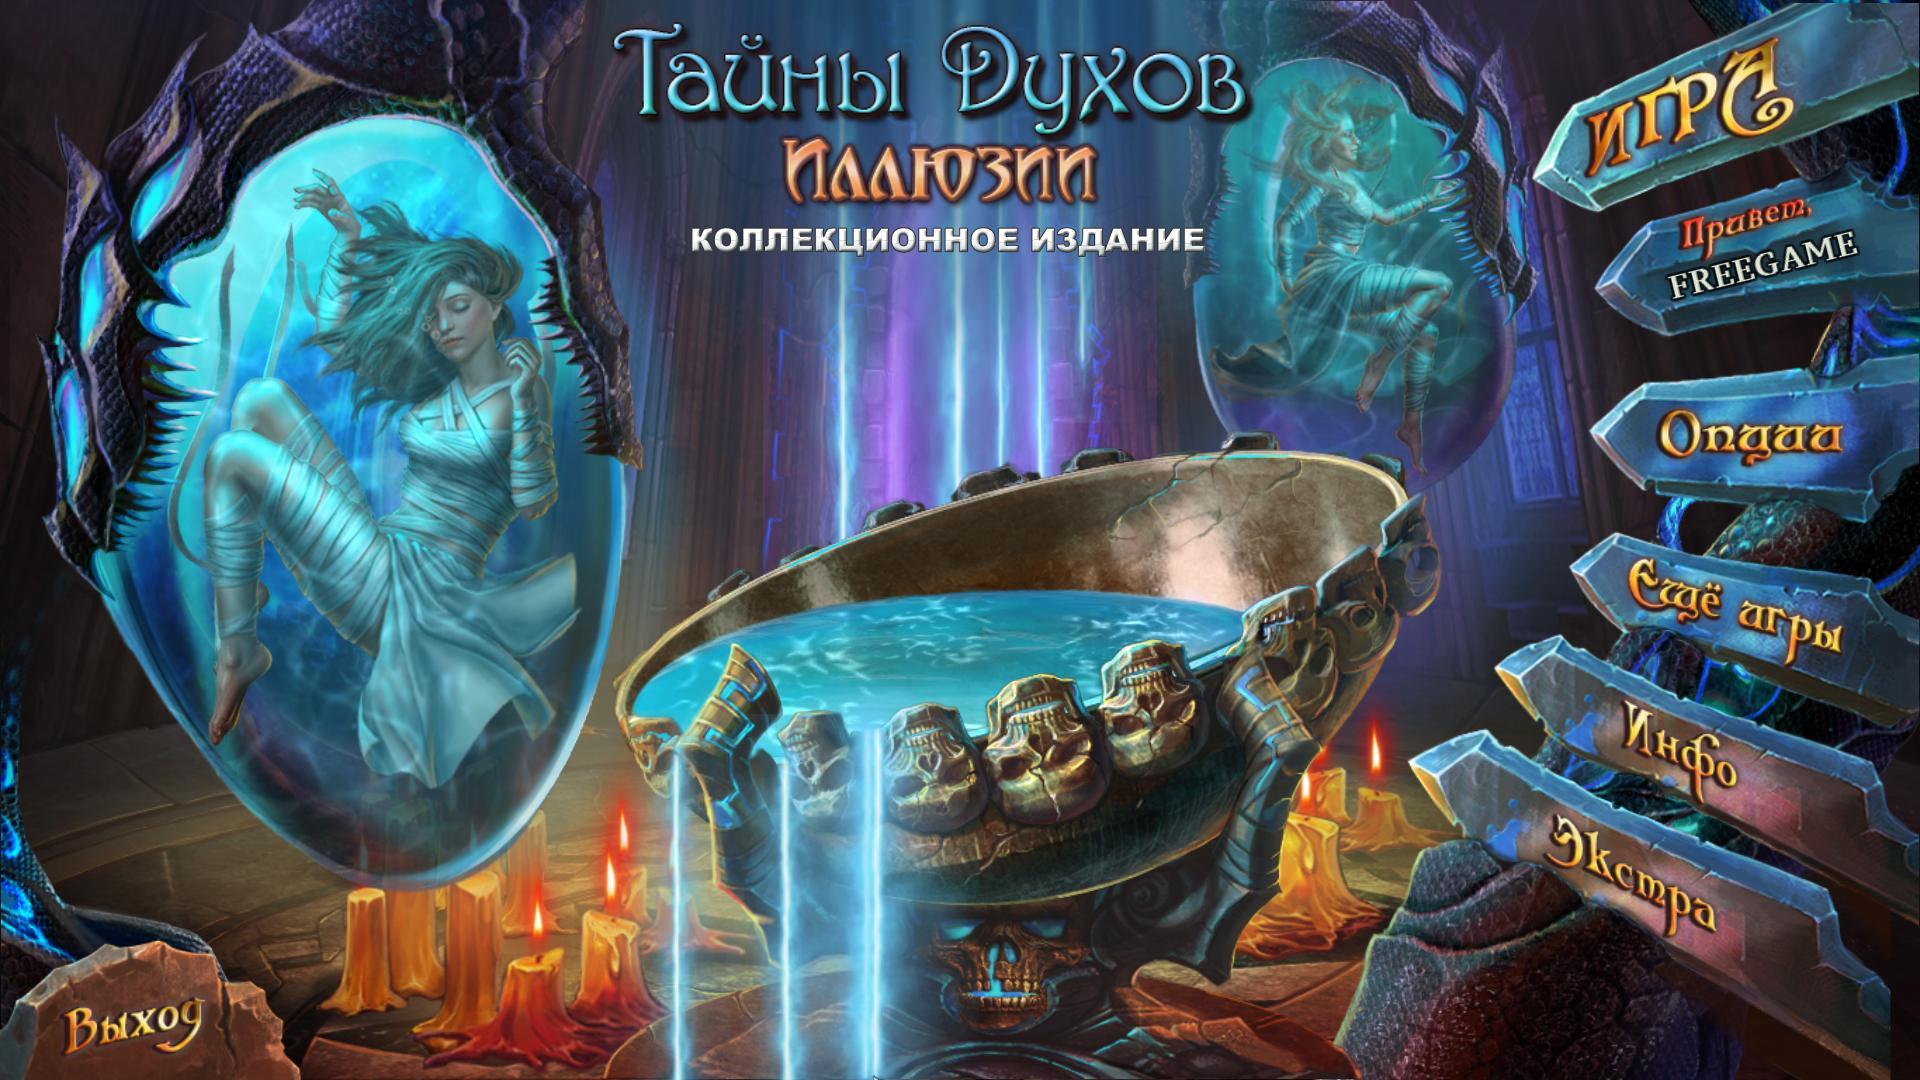 Тайны духов 8: Иллюзии. Коллекционное издание | Spirits of Mystery 8: Illusions CE (Rus)